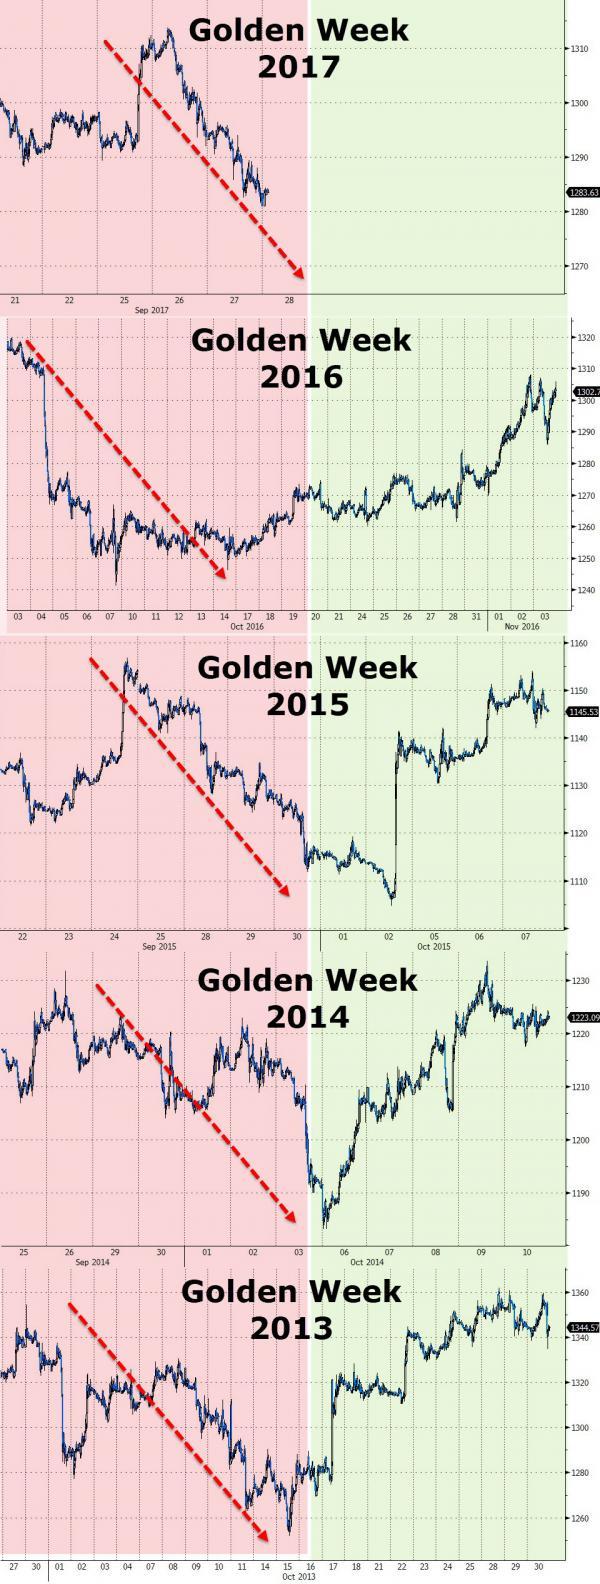 impact de la semaine d'or en chine